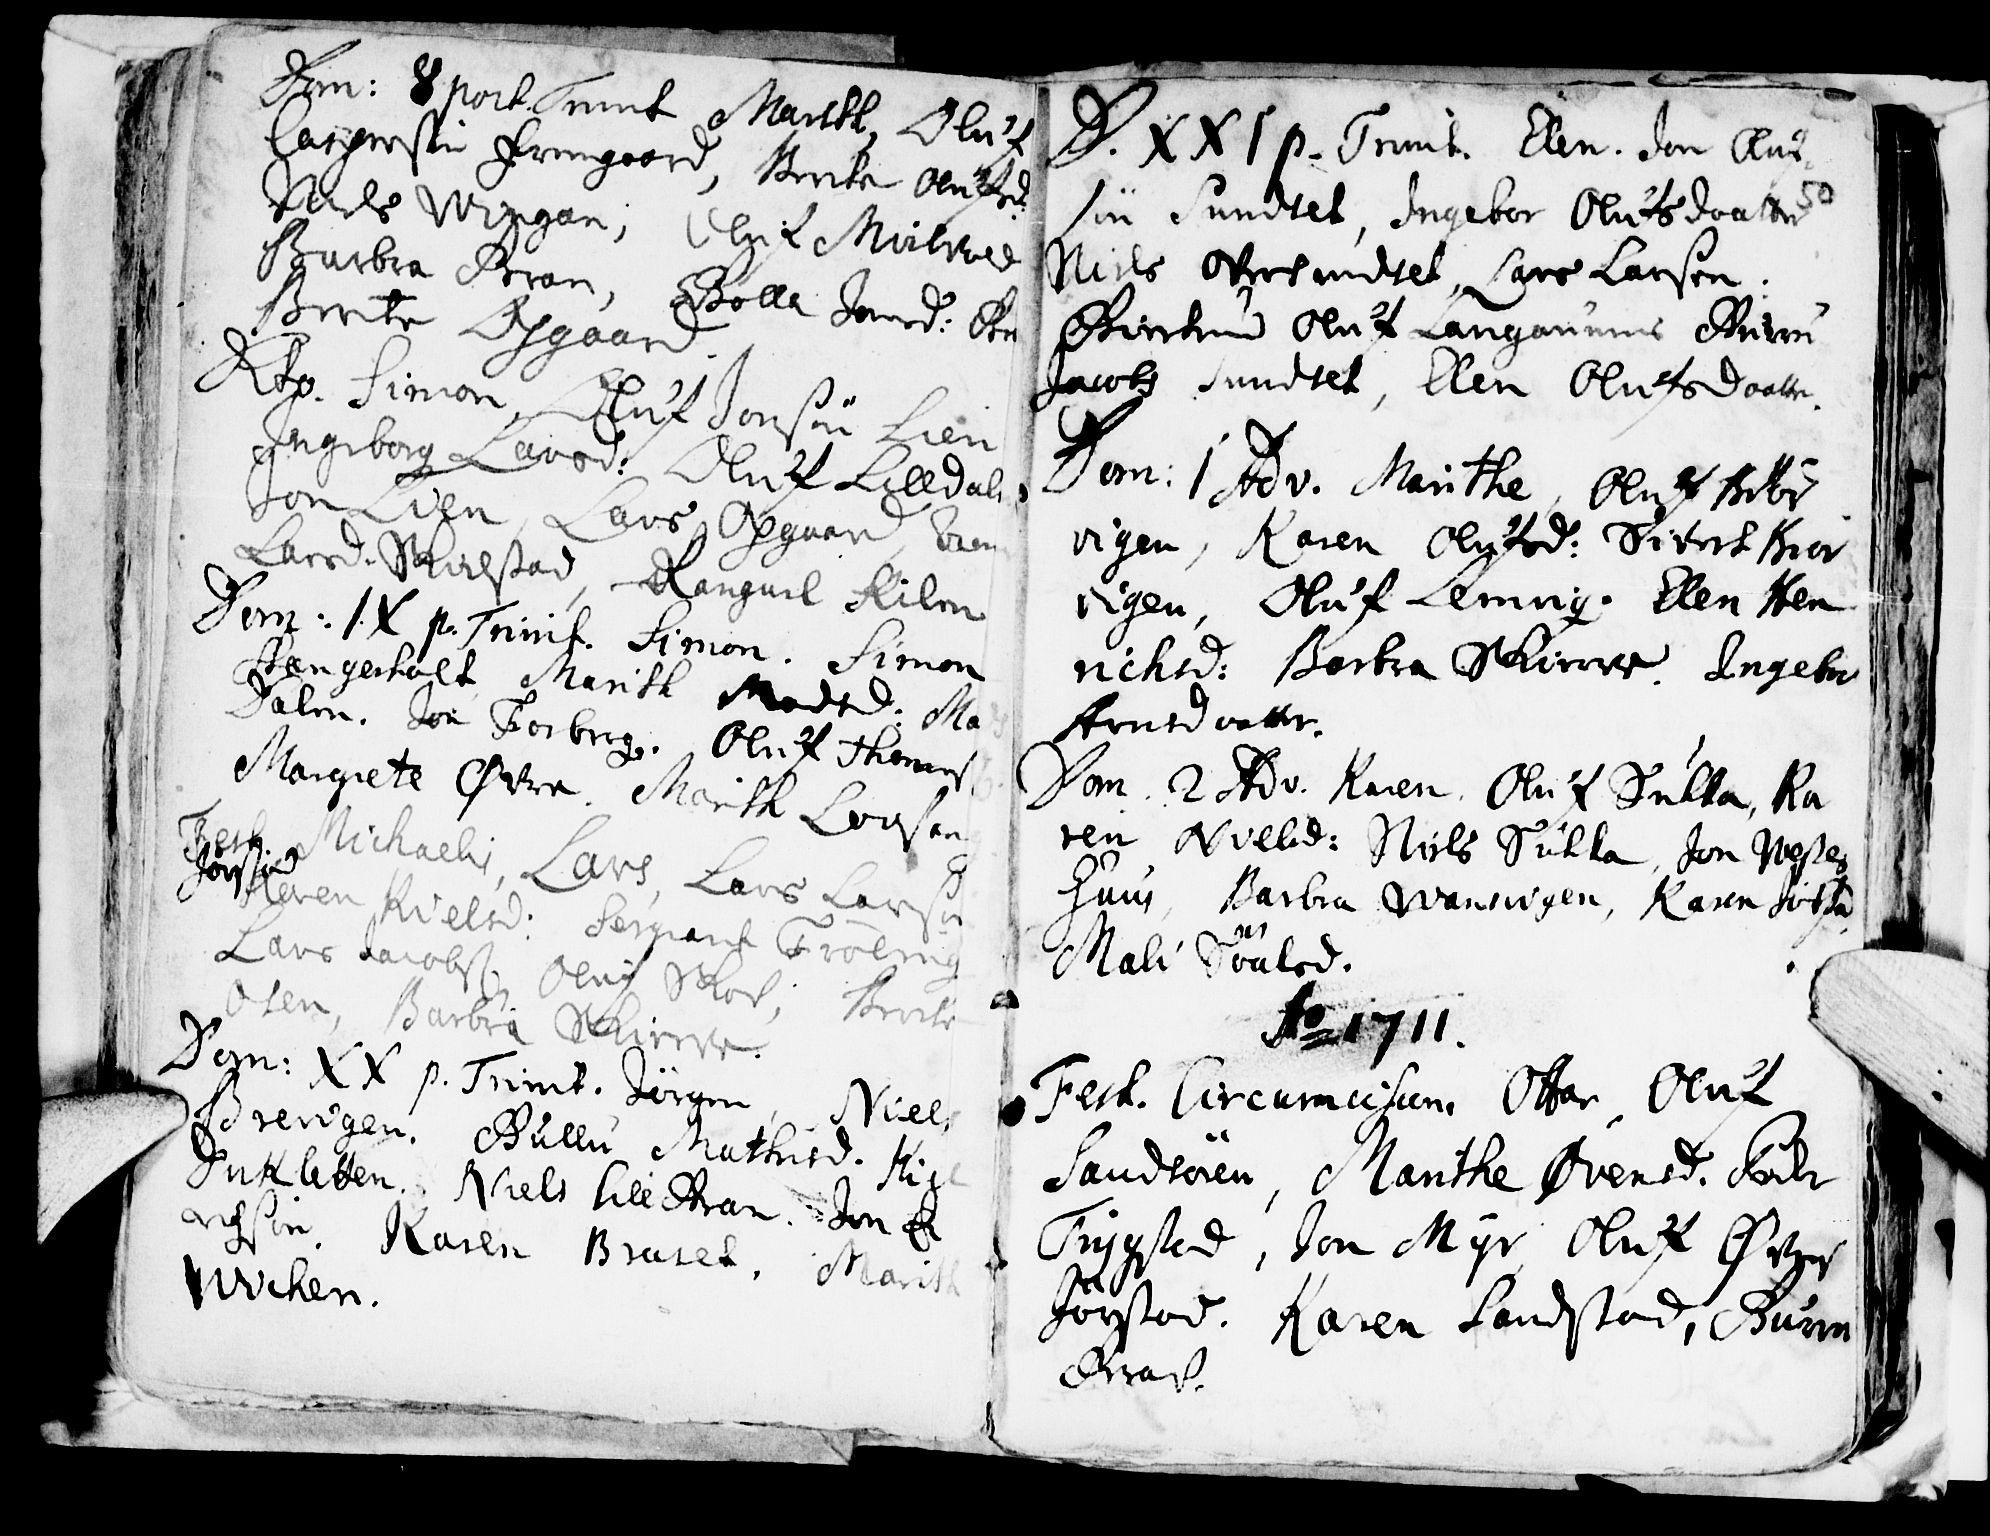 SAT, Ministerialprotokoller, klokkerbøker og fødselsregistre - Nord-Trøndelag, 722/L0214: Ministerialbok nr. 722A01, 1692-1718, s. 50